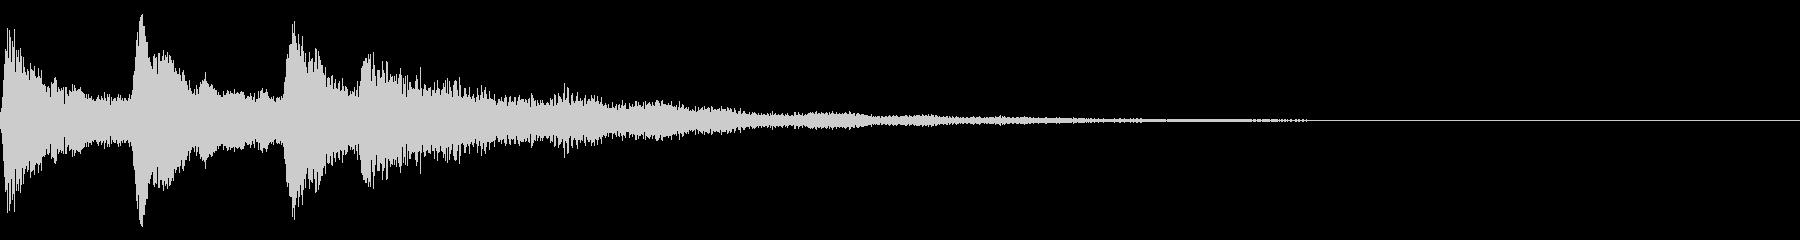 ミステリアスな音 ホラー、心霊系向けの未再生の波形